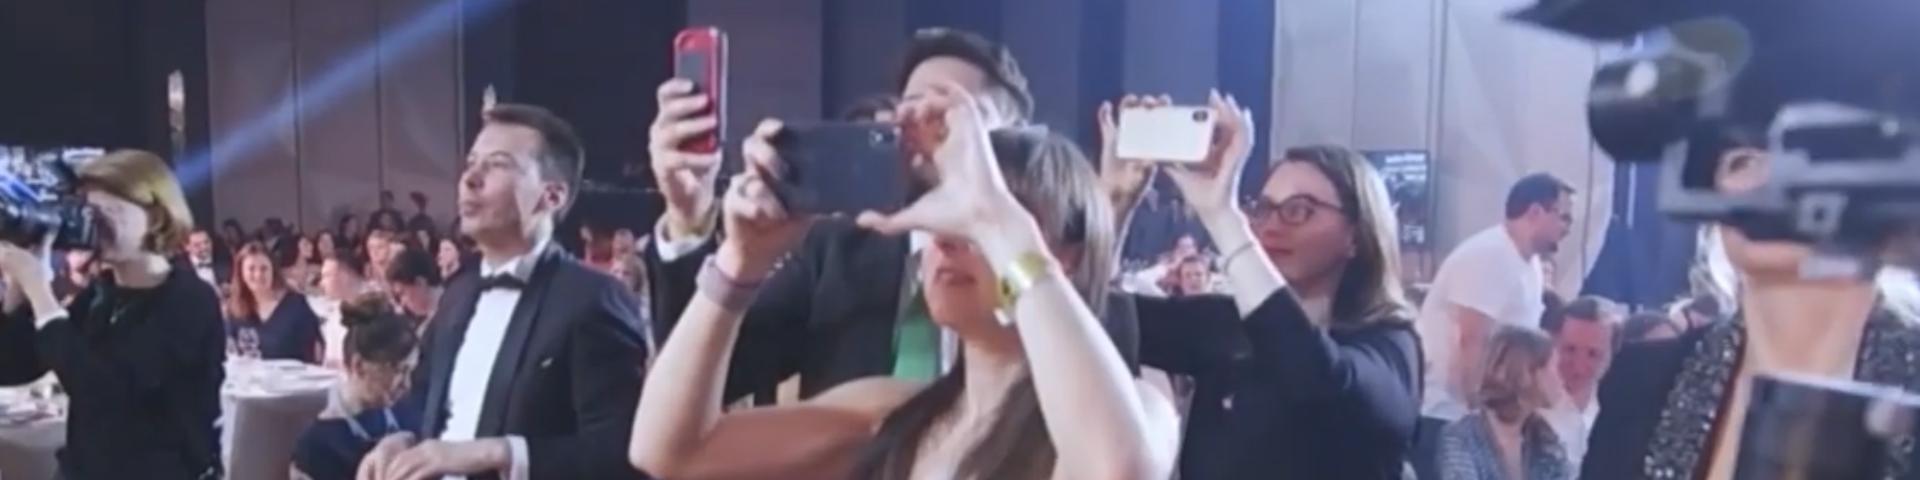 БК «Фонбет» получила премию Effie Awards Russia 2019